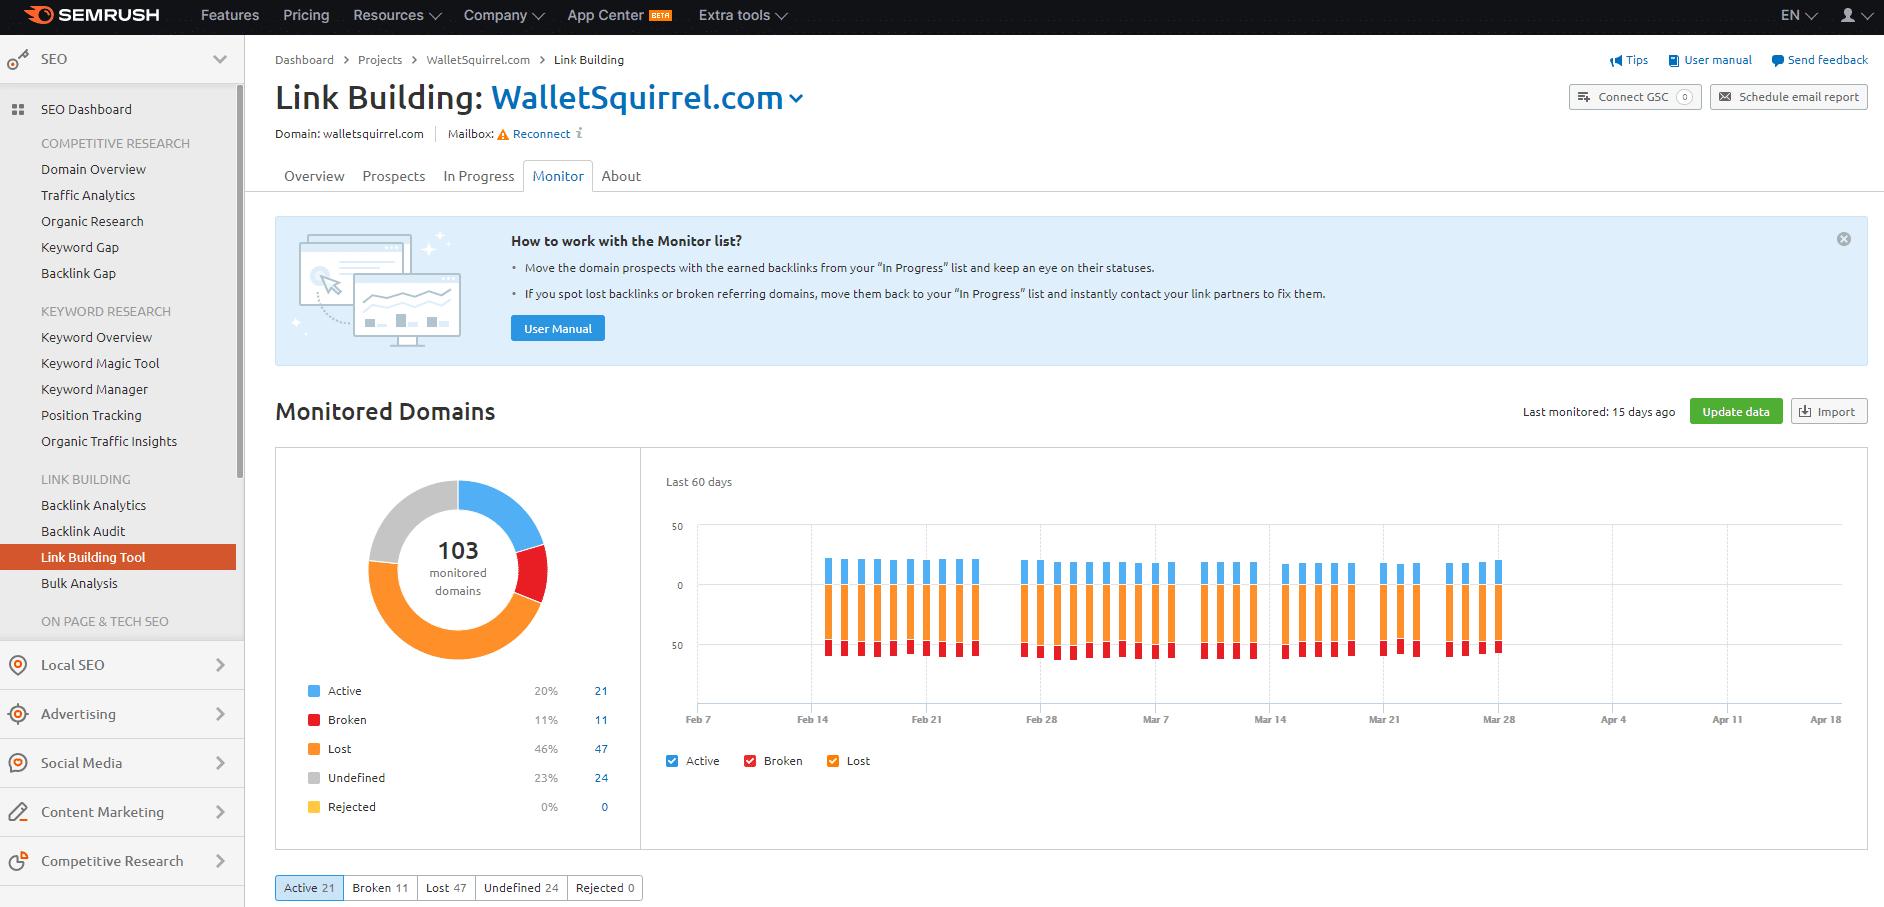 SEMrush Review Link Building Tool 2